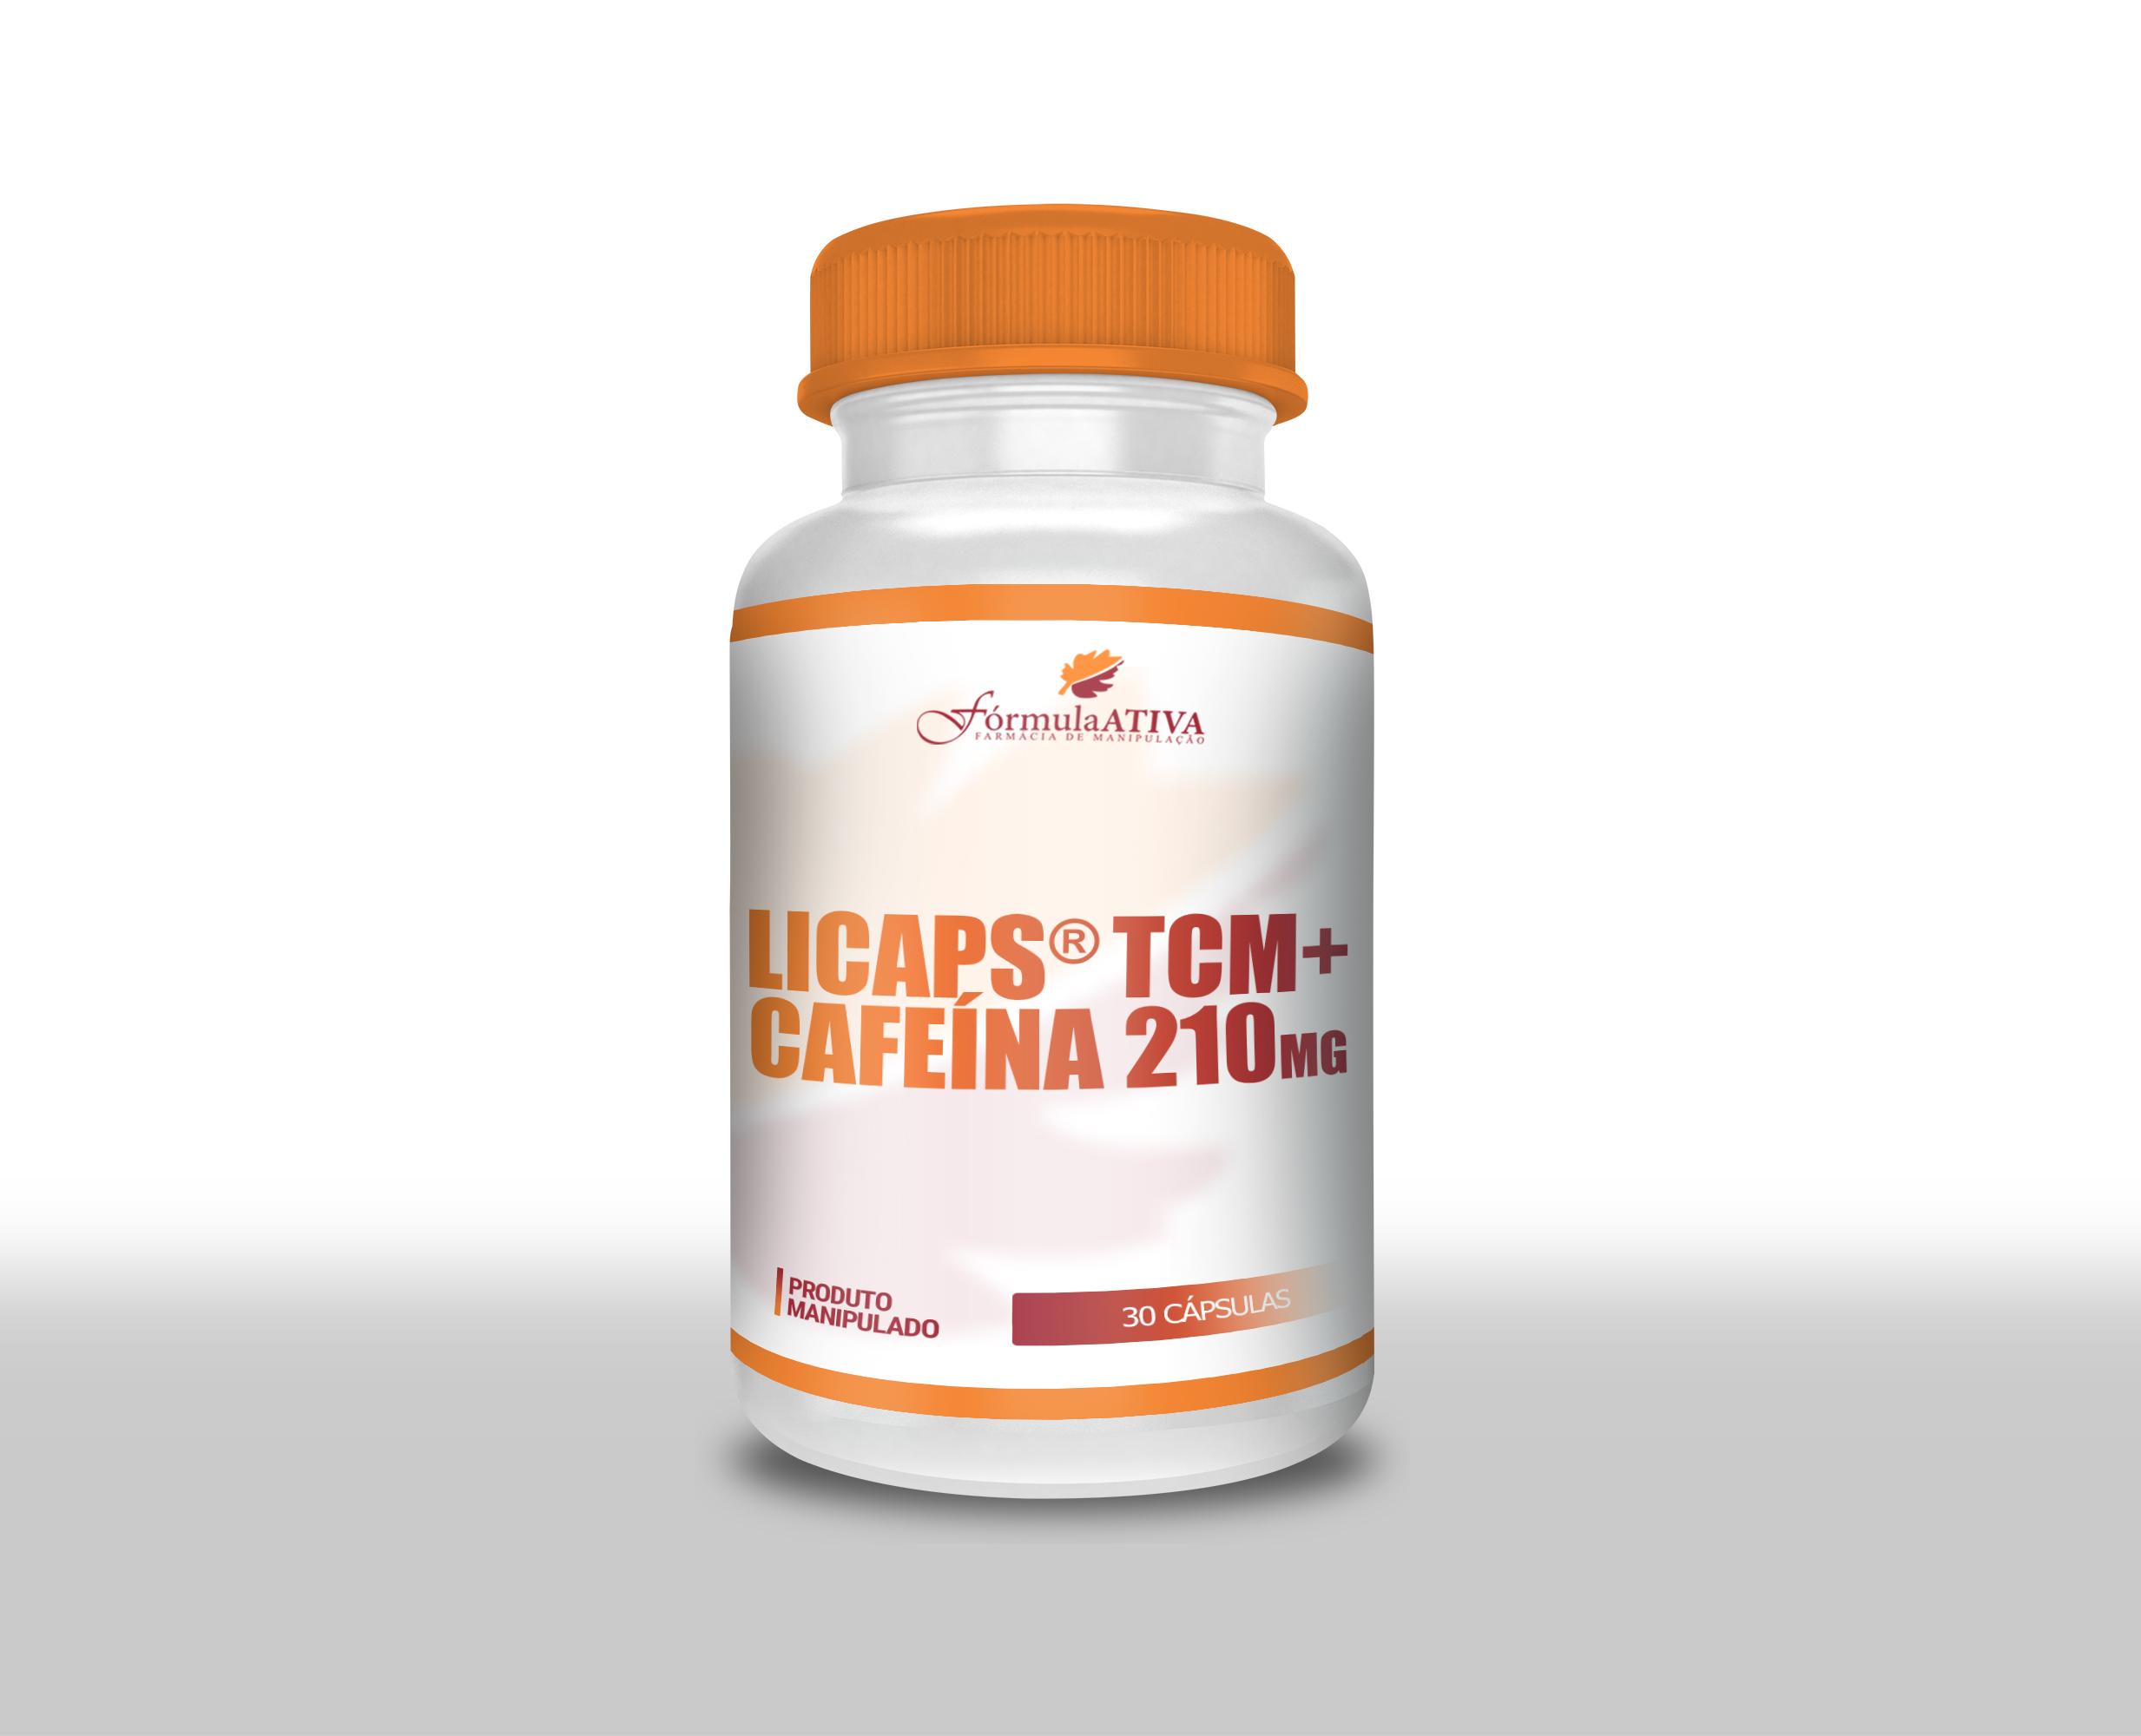 Licaps TCM + Cafeína (210mg - 30 doses)